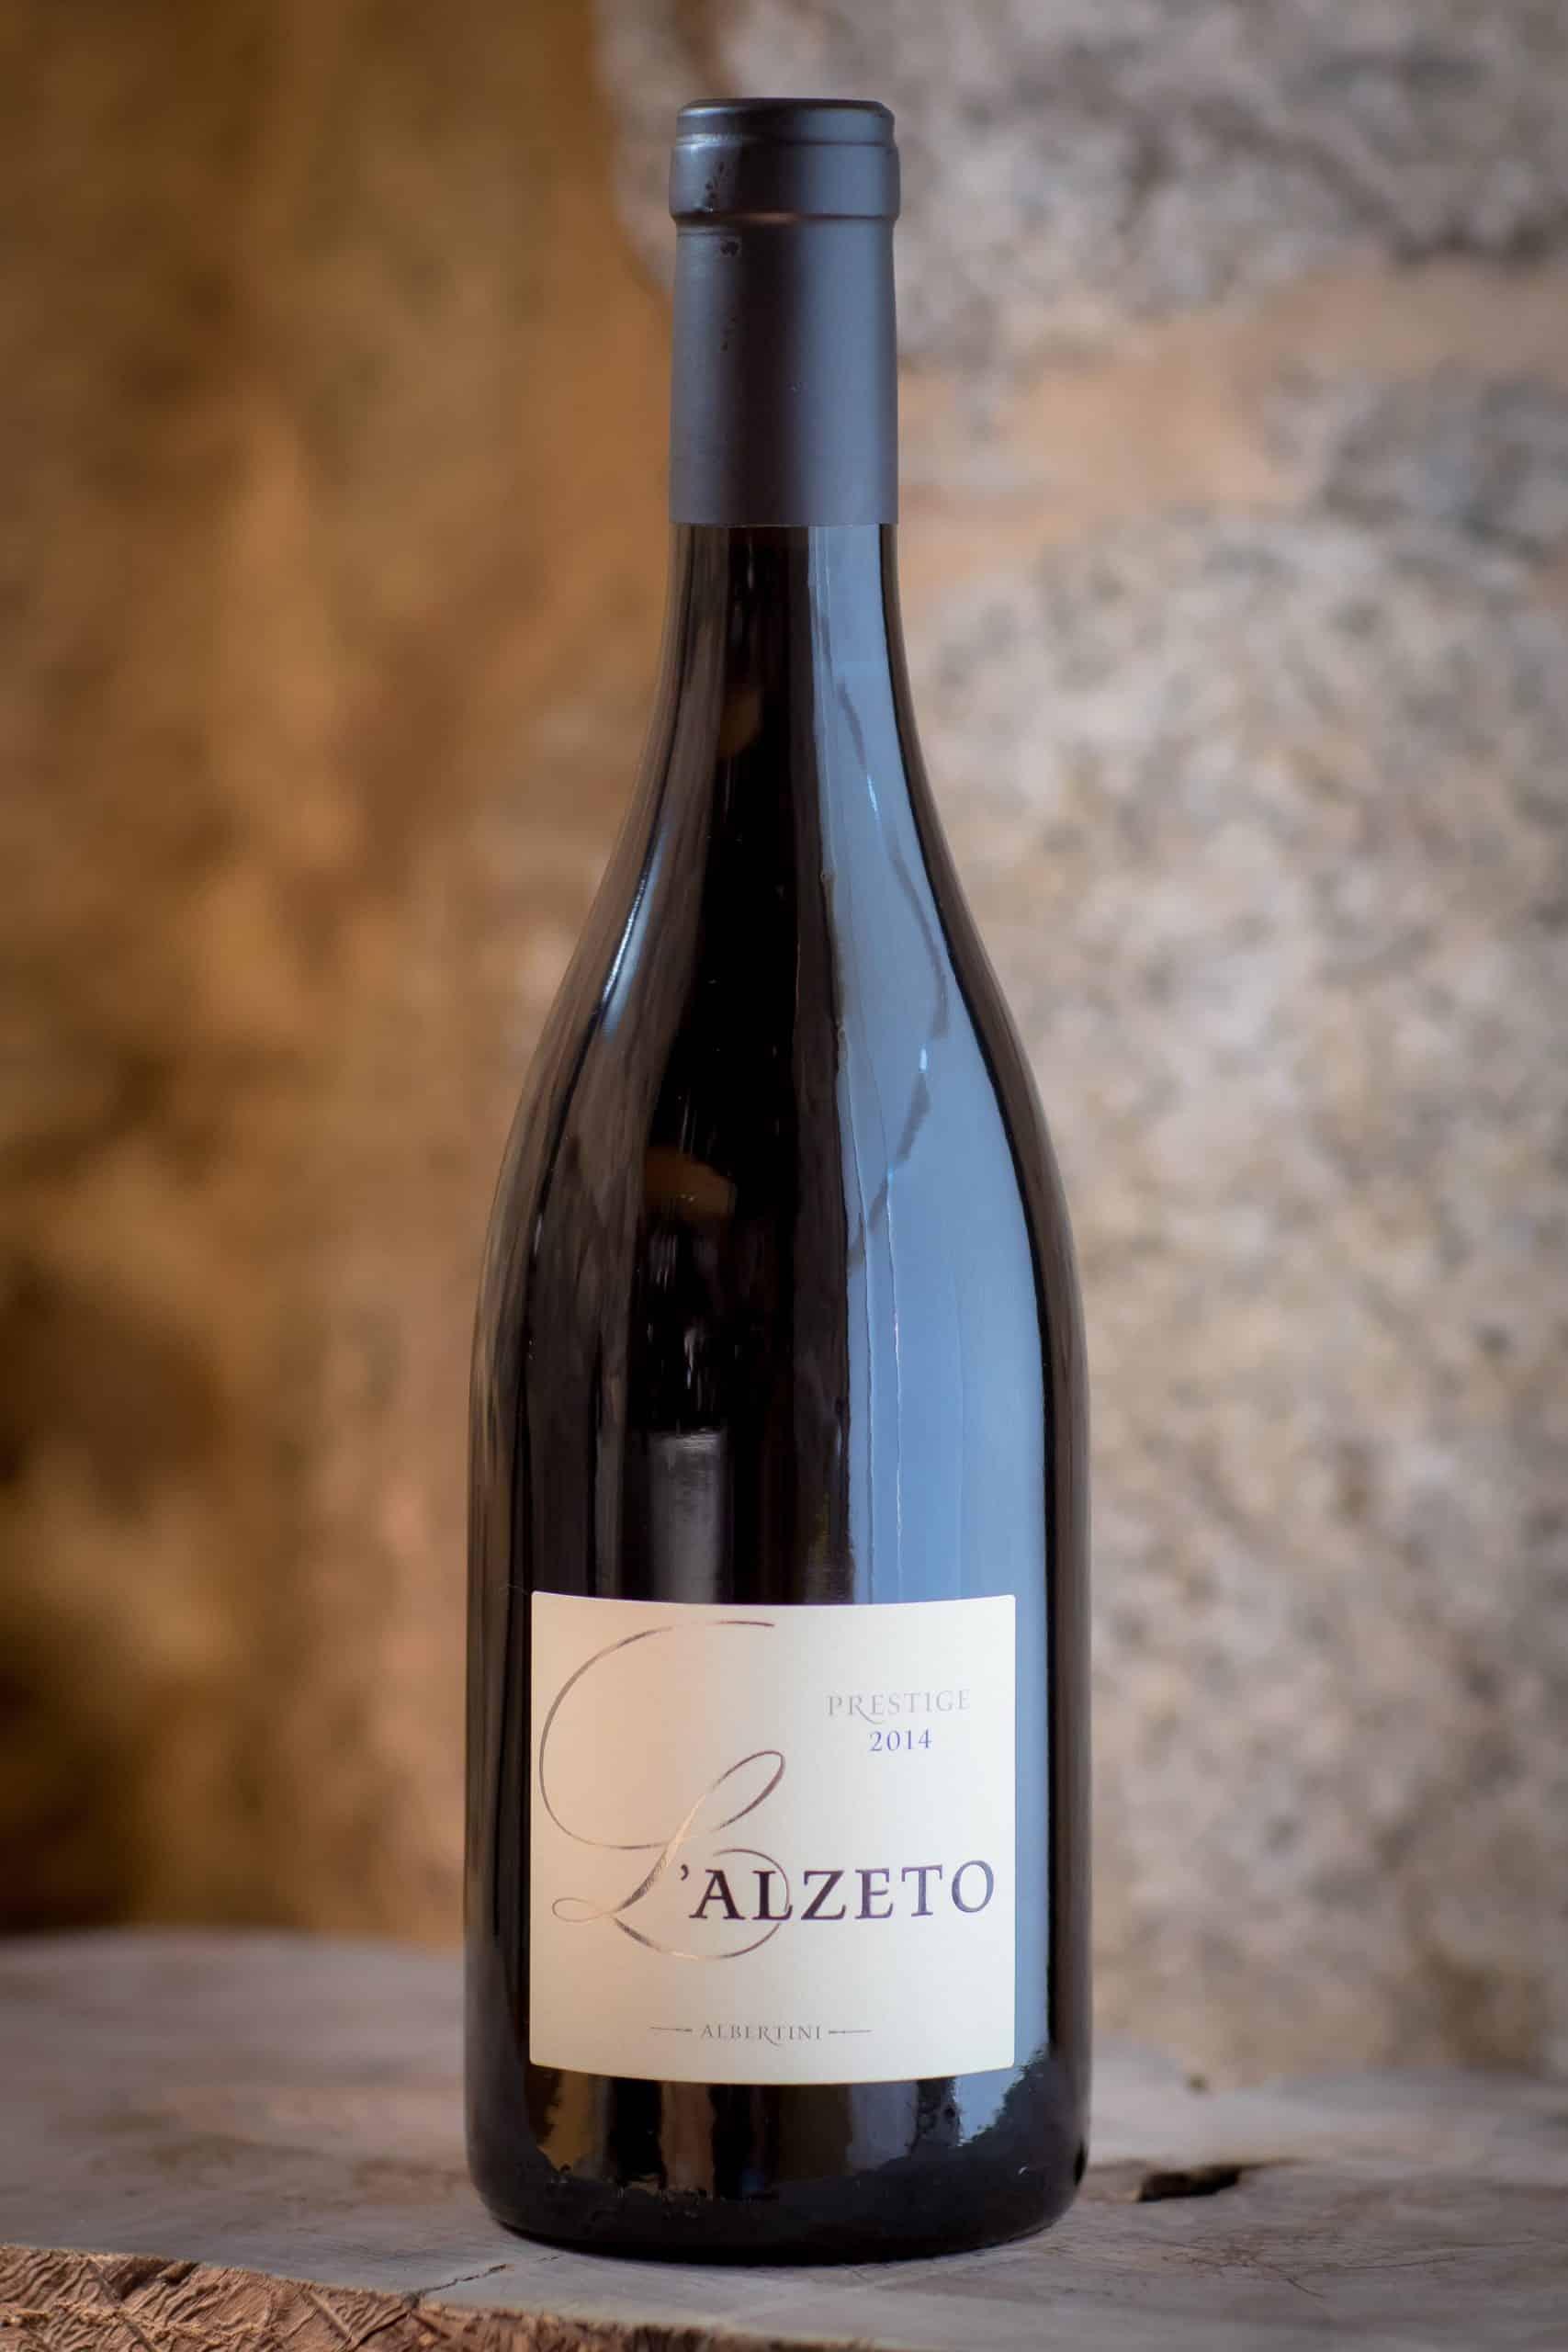 Les vins du Clos d'Alzeto